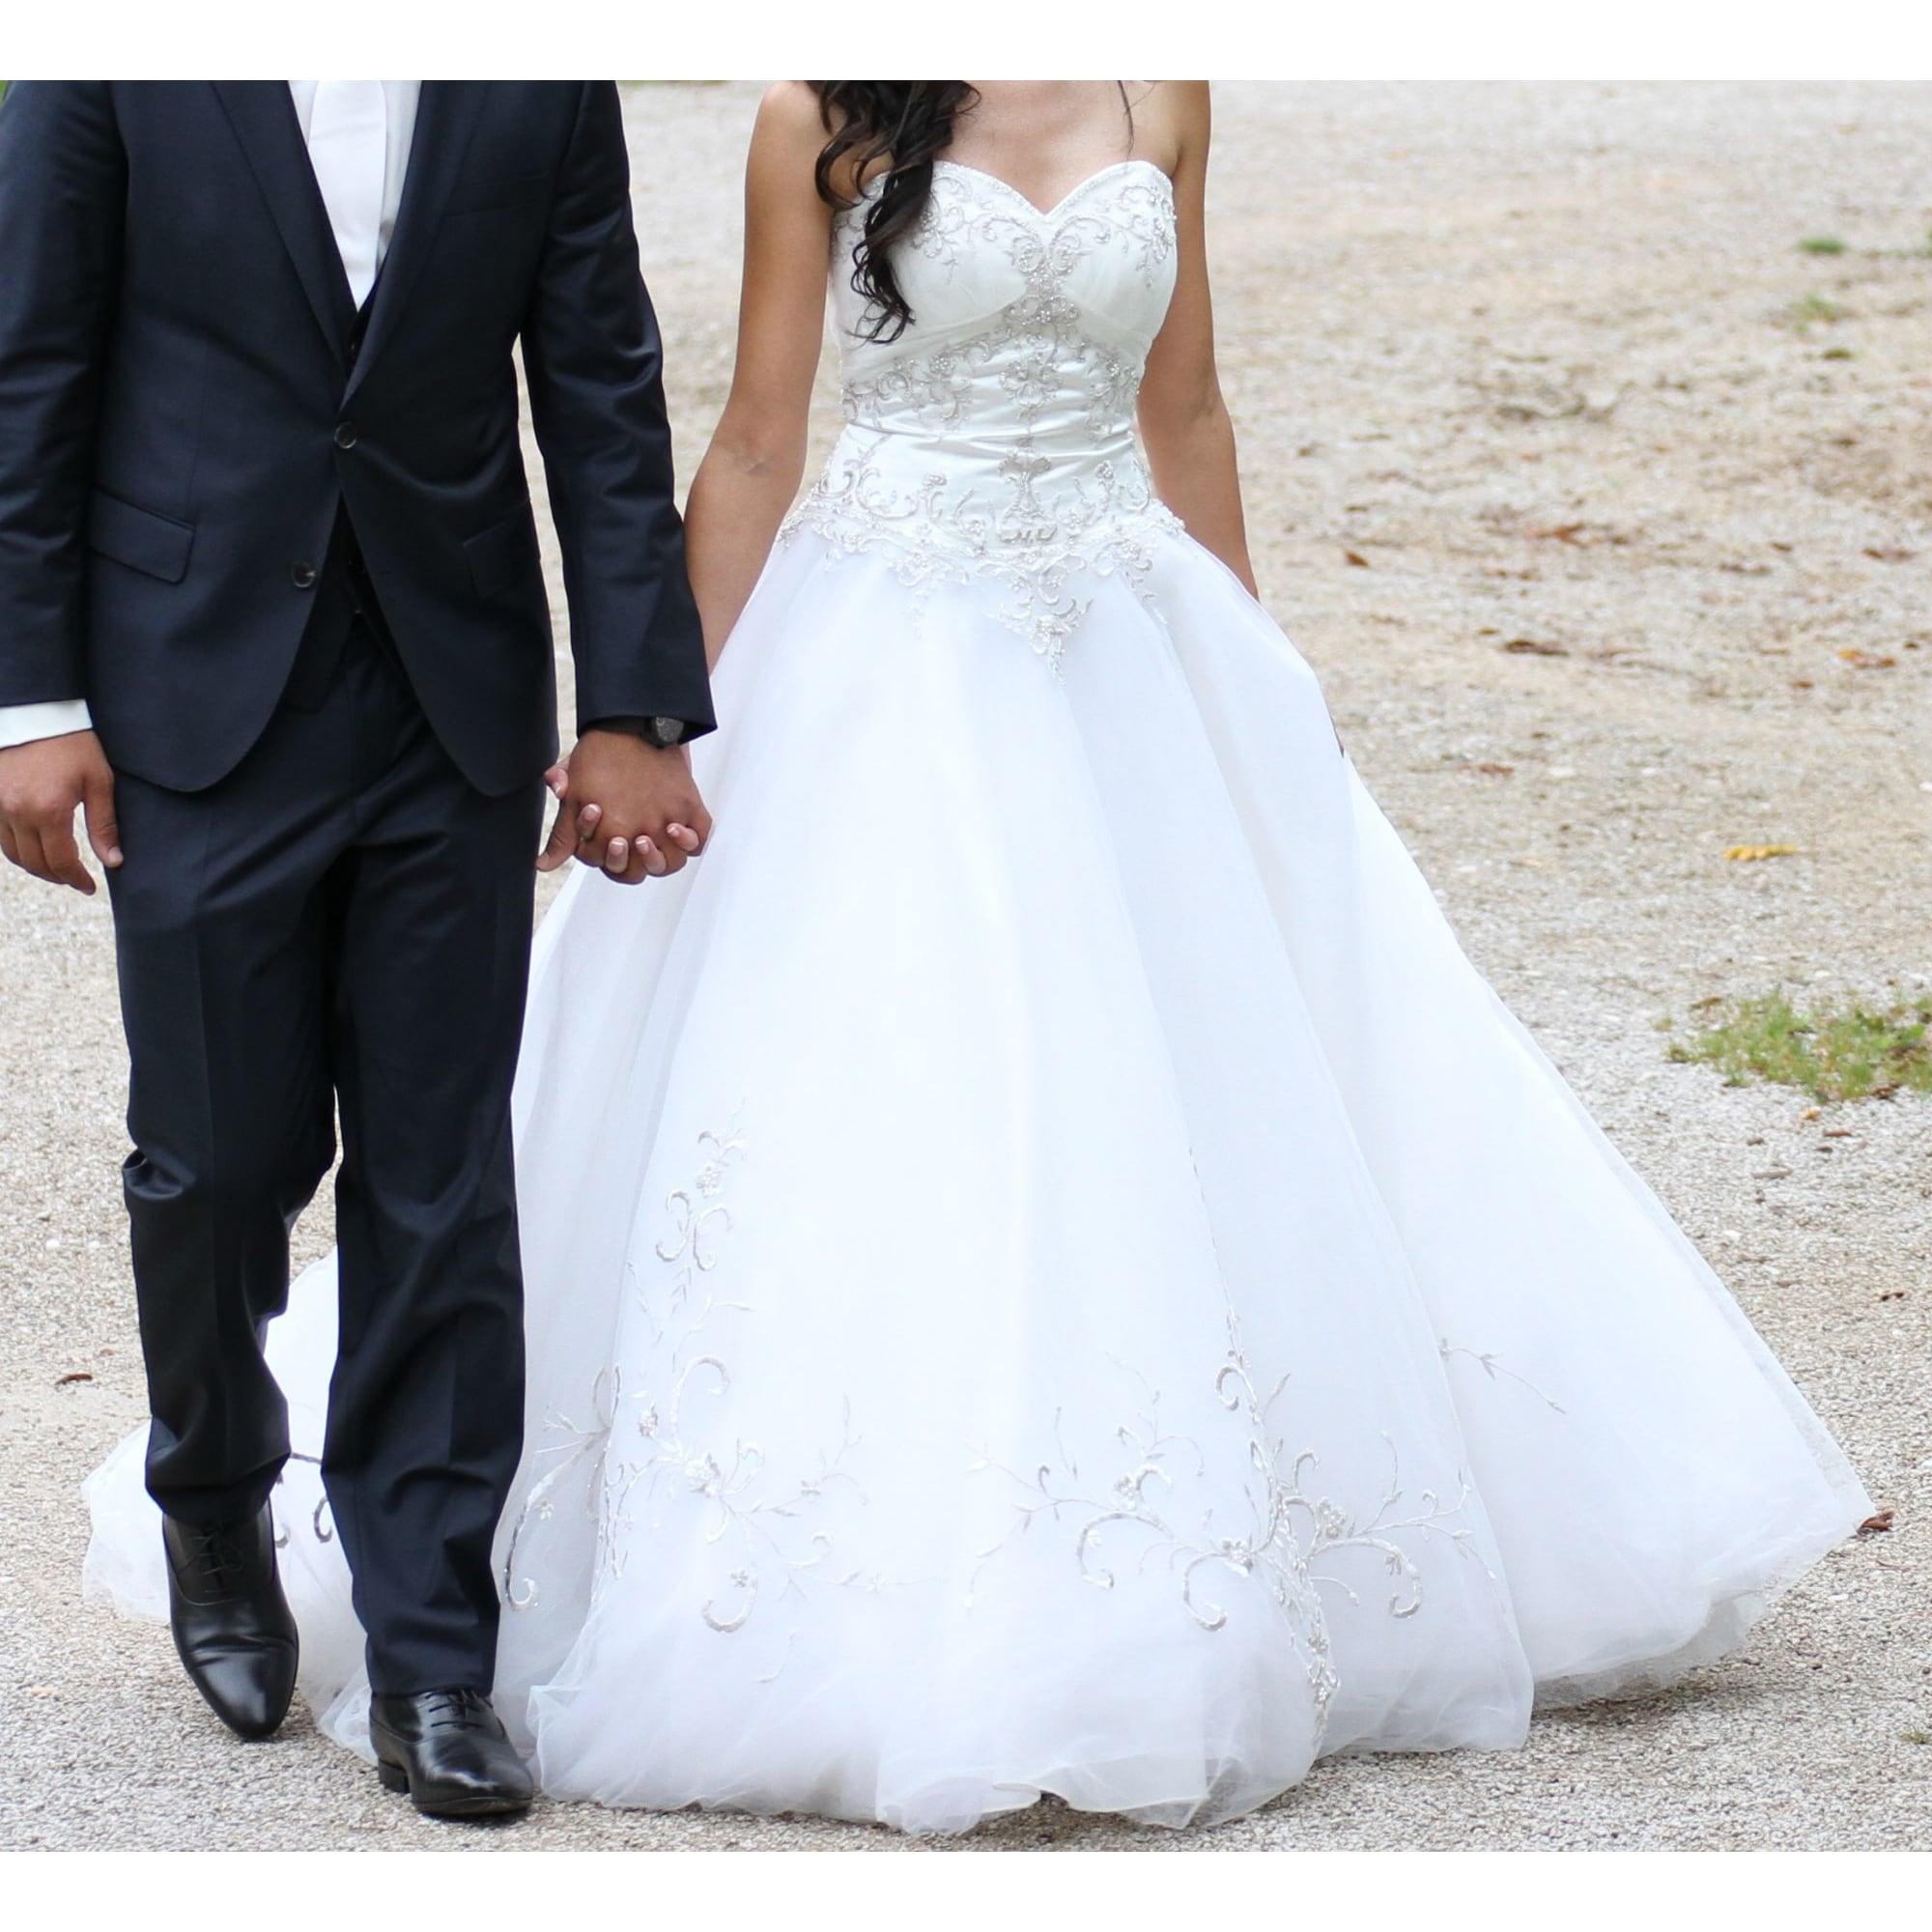 site réputé 99367 35bcd Robe de mariée